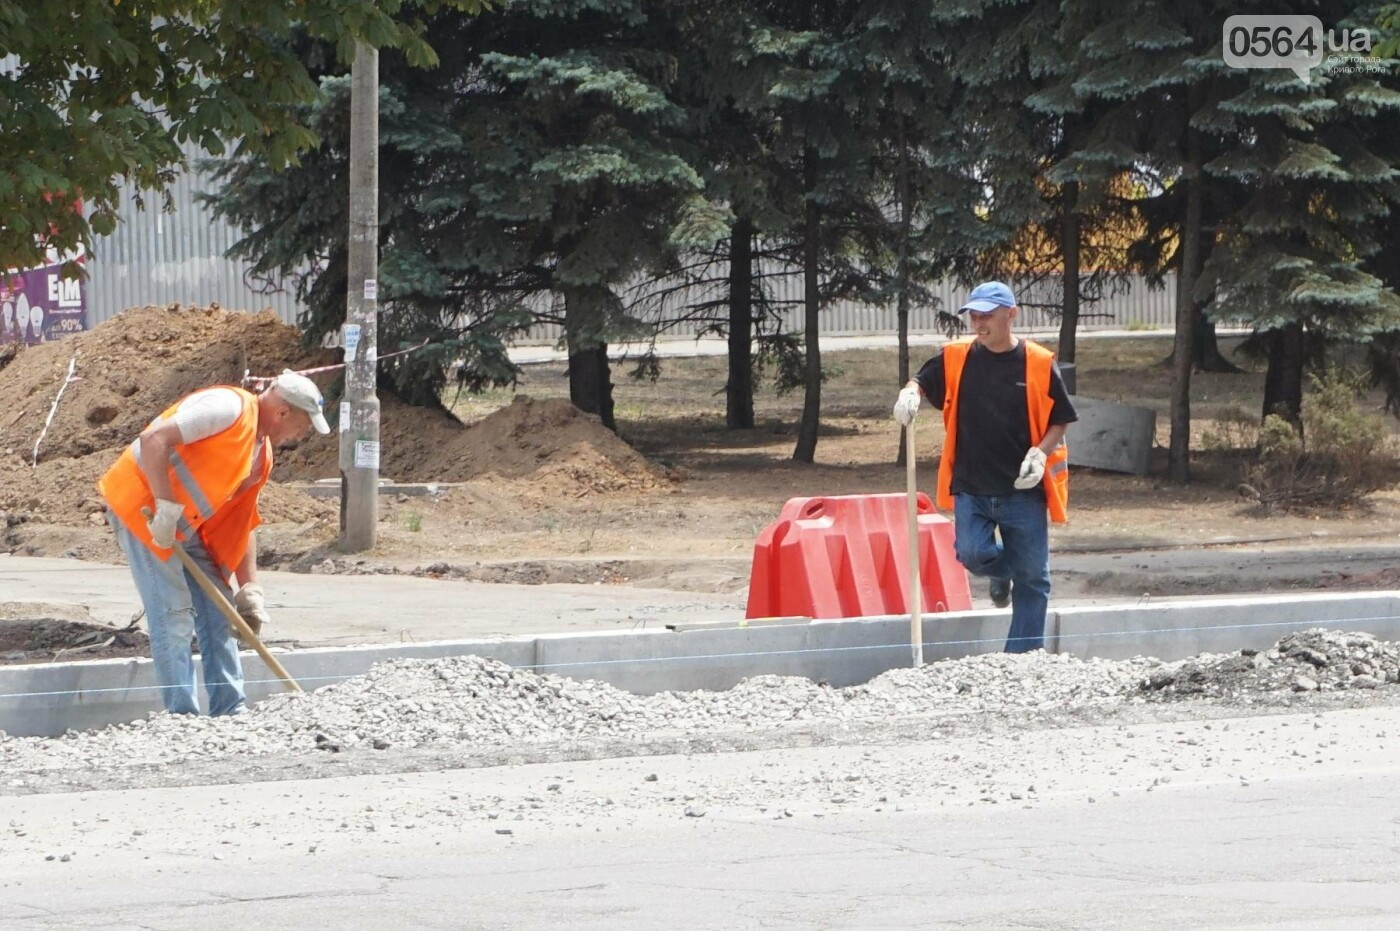 С сегодняшнего дня на центральном проспекте Кривого Рога отменены 3 остановки и запрещена парковка, - ФОТО, фото-19